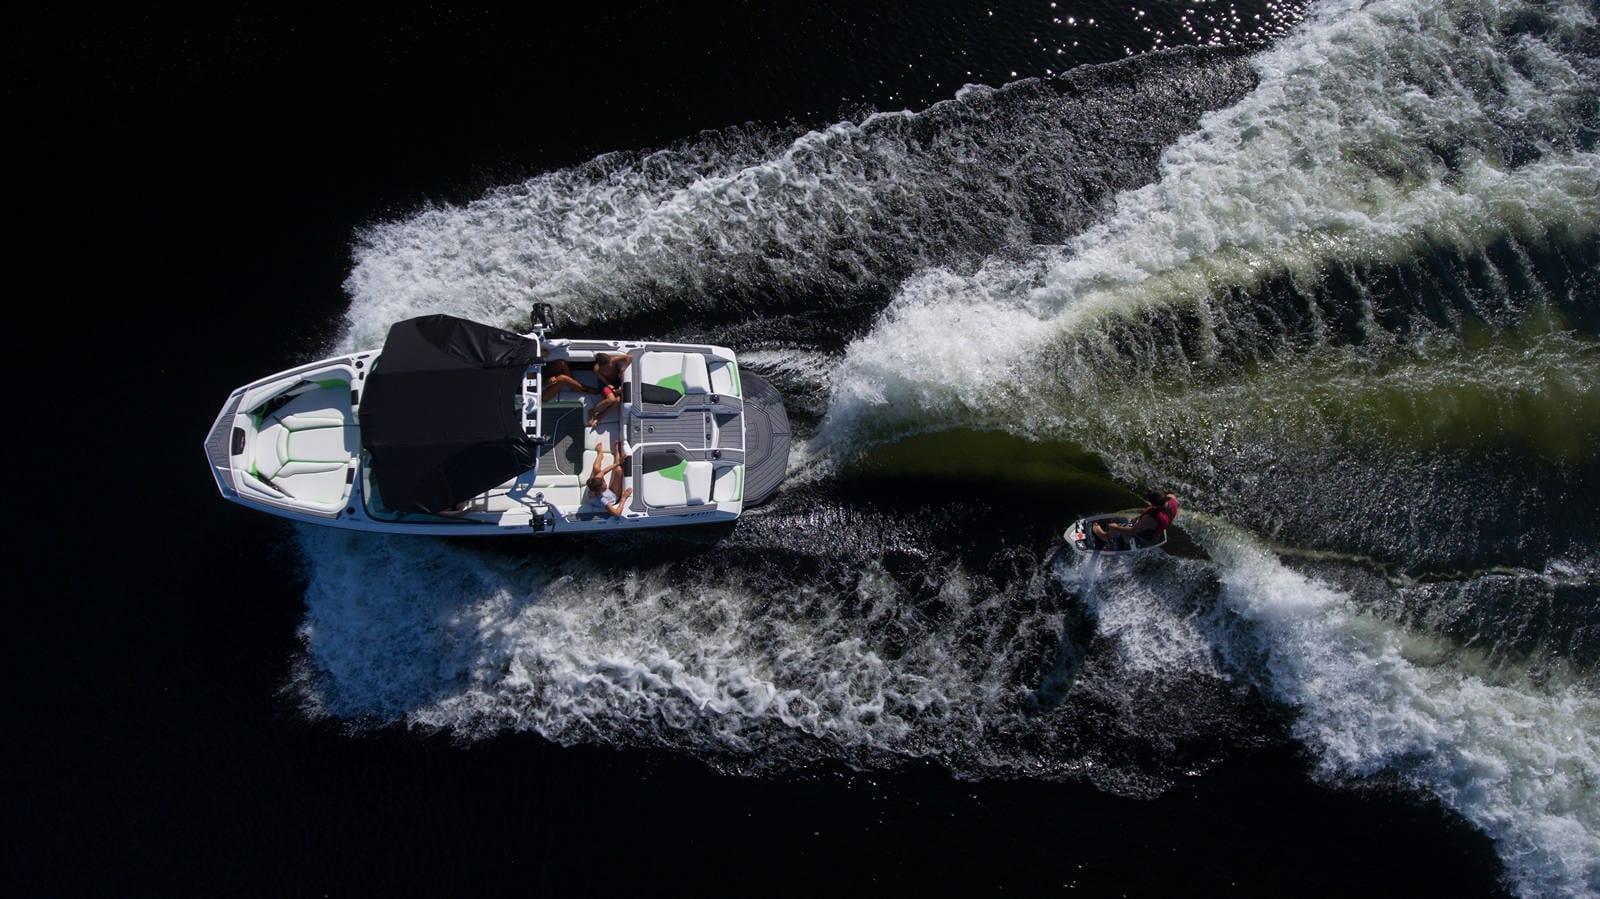 סירת ספורט וויקסרף וויקבורד וסקי NAUTIQUE GS22 - סירת ספורט וויקסרף וויקבורד וסקי NAUTIQUE GS22 - סטרים יאכטות